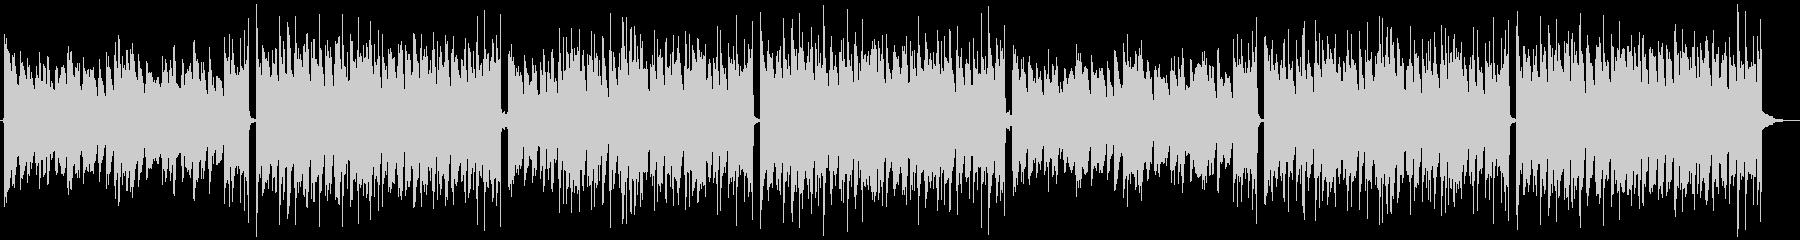 大人っぽくメロウなピアノのLofiの未再生の波形